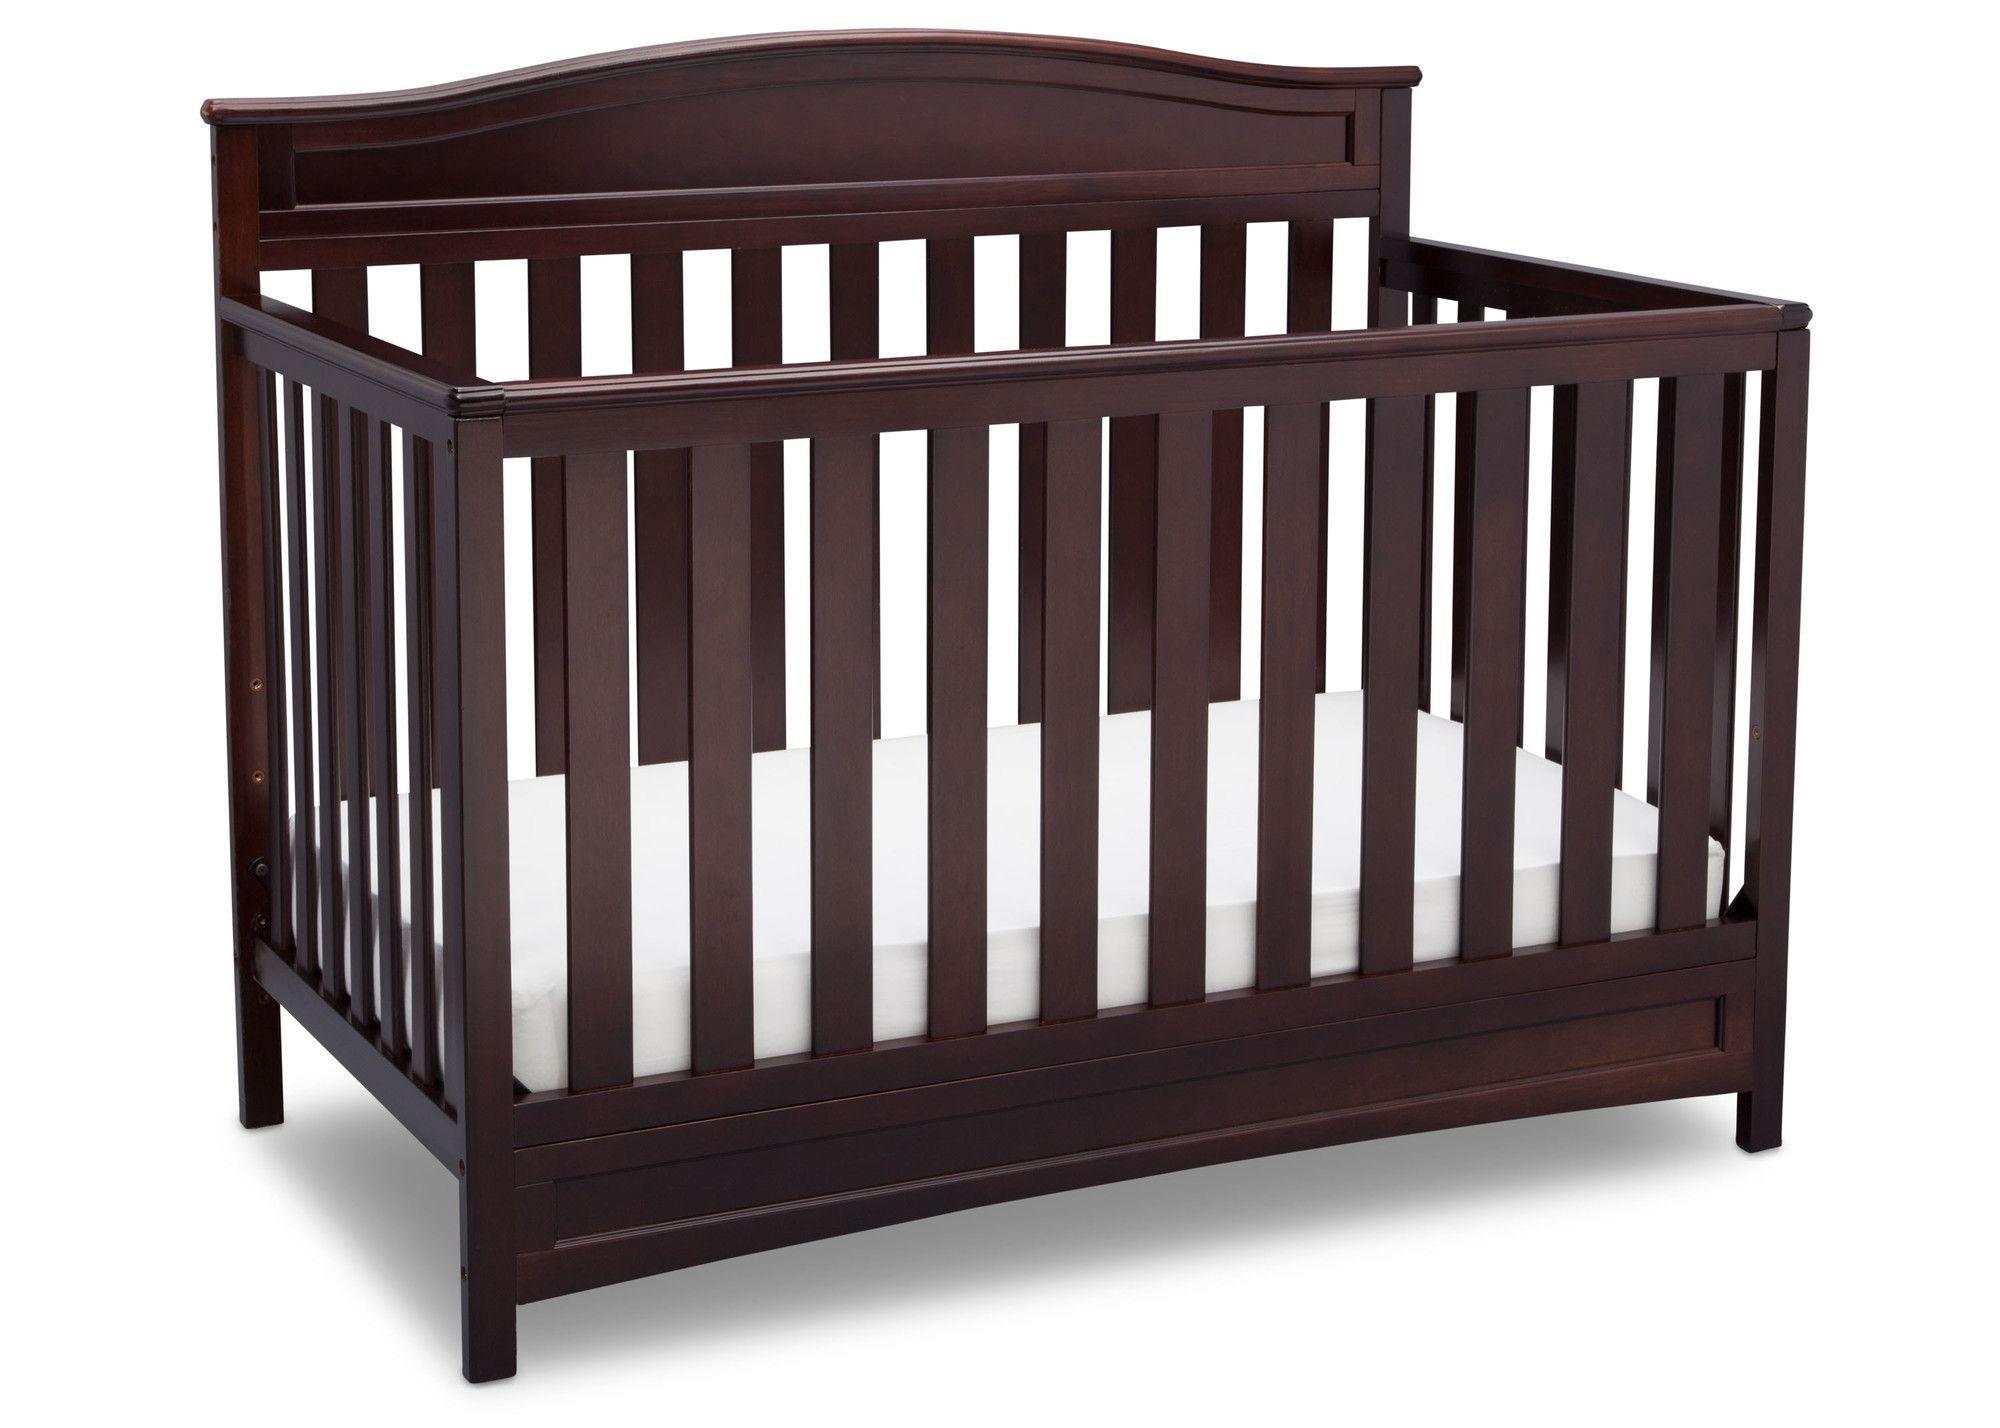 Babyzimmer Nussbaum ~ Die besten 25 4 in 1 crib ideen auf pinterest veränderbare